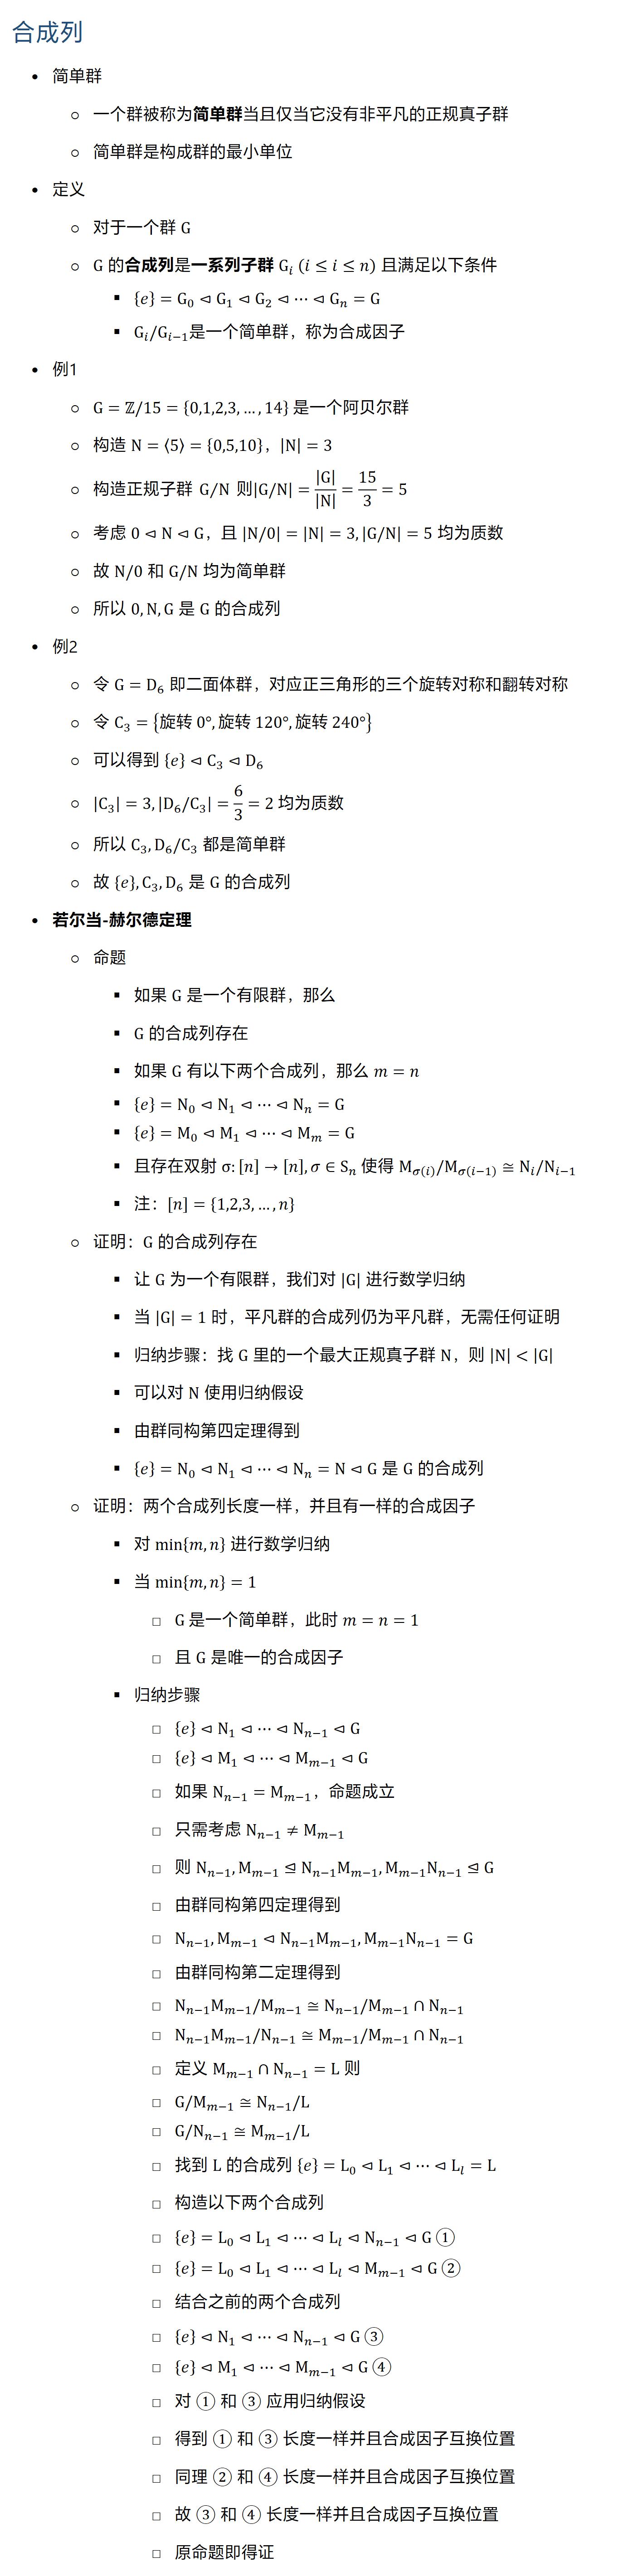 合成列 • 简单群 ○ 一个群被称为简单群当且仅当它没有非平凡的正规真子群 ○ 简单群是构成群的最小单位 • 定义 ○ 对于一个群 G ○ G 的合成列是一系列子群 G_i (i≤i≤n) 且满足以下条件 § {e}=G_0⊲G_1⊲G_2⊲⋯⊲G_n=G § G_i \/G_(i−1) 是一个简单群,称为合成因子 • 例1 ○ G=Z\/15={0,1,2,3,…,14} 是一个阿贝尔群 ○ 构造 N=⟨5⟩={0,5,10},|N|=3 ○ 构造正规子群 G∕N 则|G/N|=|G|/|N| =15/3=5 ○ 考虑 0⊲N⊲G,且 |N/0|=|N|=3, |G/N|=5 均为质数 ○ 故 N\/0 和 G\/N 均为简单群 ○ 所以 0,N,G 是 G 的合成列 • 例2 ○ 令 G=D_6 即二面体群,对应正三角形的三个旋转对称和翻转对称 ○ 令 C_3={旋转 0°,旋转 120°,旋转 240°} ○ 可以得到 {e}⊲C_3⊲D_6 ○ |C_3 |=3, |D_6/C_3 |=6/3=2 均为质数 ○ 所以 C_3, D_6 \/C_3 都是简单群 ○ 故 {e}, C_3,D_6 是 G 的合成列 • 若尔当-赫尔德定理 ○ 命题 § 如果 G 是一个有限群,那么 § G 的合成列存在 § 如果 G 有以下两个合成列,那么 m=n § {e}=N_0⊲N_1⊲⋯⊲N_n=G § {e}=M_0⊲M_1⊲⋯⊲M_m=G § 且存在双射 σ:[n]→[n], σ∈S_n 使得 M_σ(i) \/M_σ(i−1) ≅N_i \/N_(i−1) § 注:[n]={1,2,3,…,n} ○ 证明:G 的合成列存在 § 让 G 为一个有限群,我们对 |G| 进行数学归纳 § 当 |G|=1 时,平凡群的合成列仍为平凡群,无需任何证明 § 归纳步骤:找 G 里的一个最大正规真子群 N,则 |N||G| § 可以对 N 使用归纳假设 § 由群同构第四定理得到 § {e}=N_0⊲N_1⊲⋯⊲N_n=N⊲G 是 G 的合成列 ○ 证明:两个合成列长度一样,并且有一样的合成因子 § 对 min{m,n} 进行数学归纳 § 当 min{m,n}=1 □ G 是一个简单群,此时 m=n=1 □ 且 G 是唯一的合成因子 § 归纳步骤 □ {e}⊲N_1⊲⋯⊲N_(n−1)⊲G □ {e}⊲M_1⊲⋯⊲M_(m−1)⊲G □ 如果 N_(n−1)=M_(m−1),命题成立 □ 只需考虑 N_(n−1)≠M_(m−1) □ 则 N_(n−1),M_(m−1)⊴N_(n−1) M_(m−1),M_(m−1) N_(n−1)⊴G □ 由群同构第四定理得到 □ N_(n−1),M_(m−1)⊲N_(n−1) M_(m−1),M_(m−1) N_(n−1)=G □ 由群同构第二定理得到 □ N_(n−1) M_(m−1) \/M_(m−1)≅N_(n−1) \/M_(m−1)∩N_(n−1) □ N_(n−1) M_(m−1) \/N_(n−1)≅M_(m−1) \/M_(m−1)∩N_(n−1) □ 定义 M_(m−1)∩N_(n−1)=L 则 □ G\/M_(m−1)≅N_(n−1) \/L □ G\/N_(n−1)≅M_(m−1) \/L □ 找到 L 的合成列 {e}=L_0⊲L_1⊲⋯⊲L_l=L □ 构造以下两个合成列 □ {e}=L_0⊲L_1⊲⋯⊲L_l⊲N_(n−1)⊲G ① □ {e}=L_0⊲L_1⊲⋯⊲L_l⊲M_(m−1)⊲G ② □ 结合之前的两个合成列 □ {e}⊲N_1⊲⋯⊲N_(n−1)⊲G ③ □ {e}⊲M_1⊲⋯⊲M_(m−1)⊲G ④ □ 对 ① 和 ③ 应用归纳假设 □ 得到 ① 和 ③ 长度一样并且合成因子互换位置 □ 同理 ② 和 ④ 长度一样并且合成因子互换位置 □ 故 ③ 和 ④ 长度一样并且合成因子互换位置 □ 原命题即得证